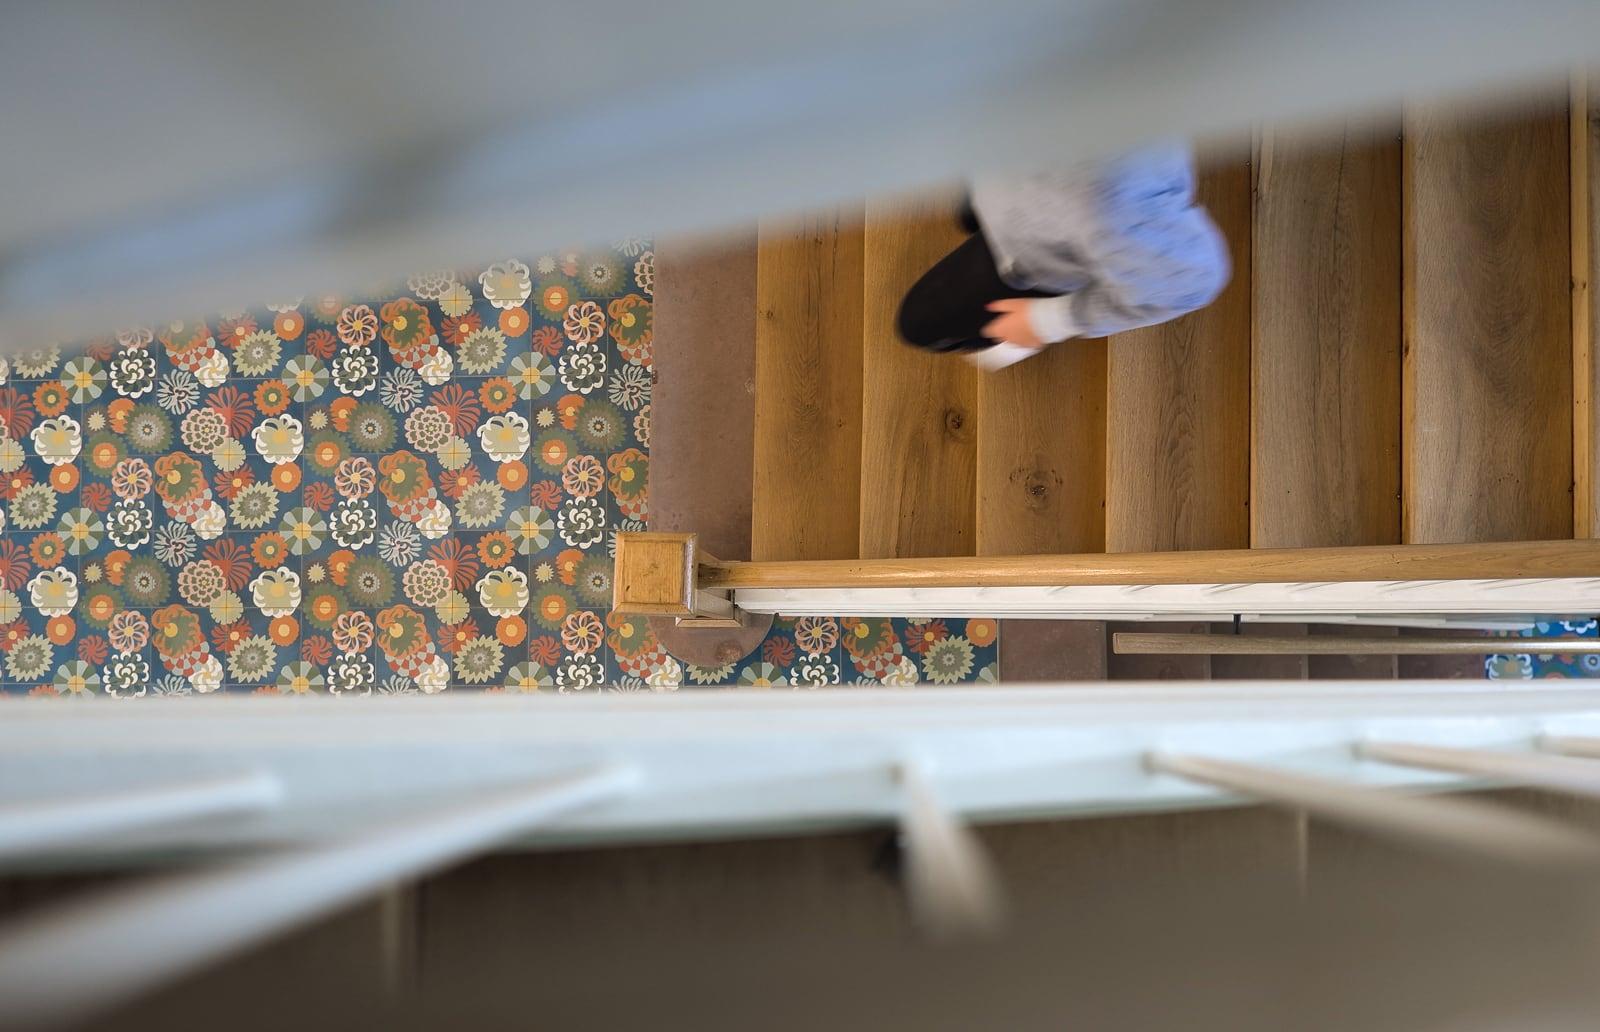 VIA Zementfliese im bunten Blumenmuster im Hausflur mit Treppe